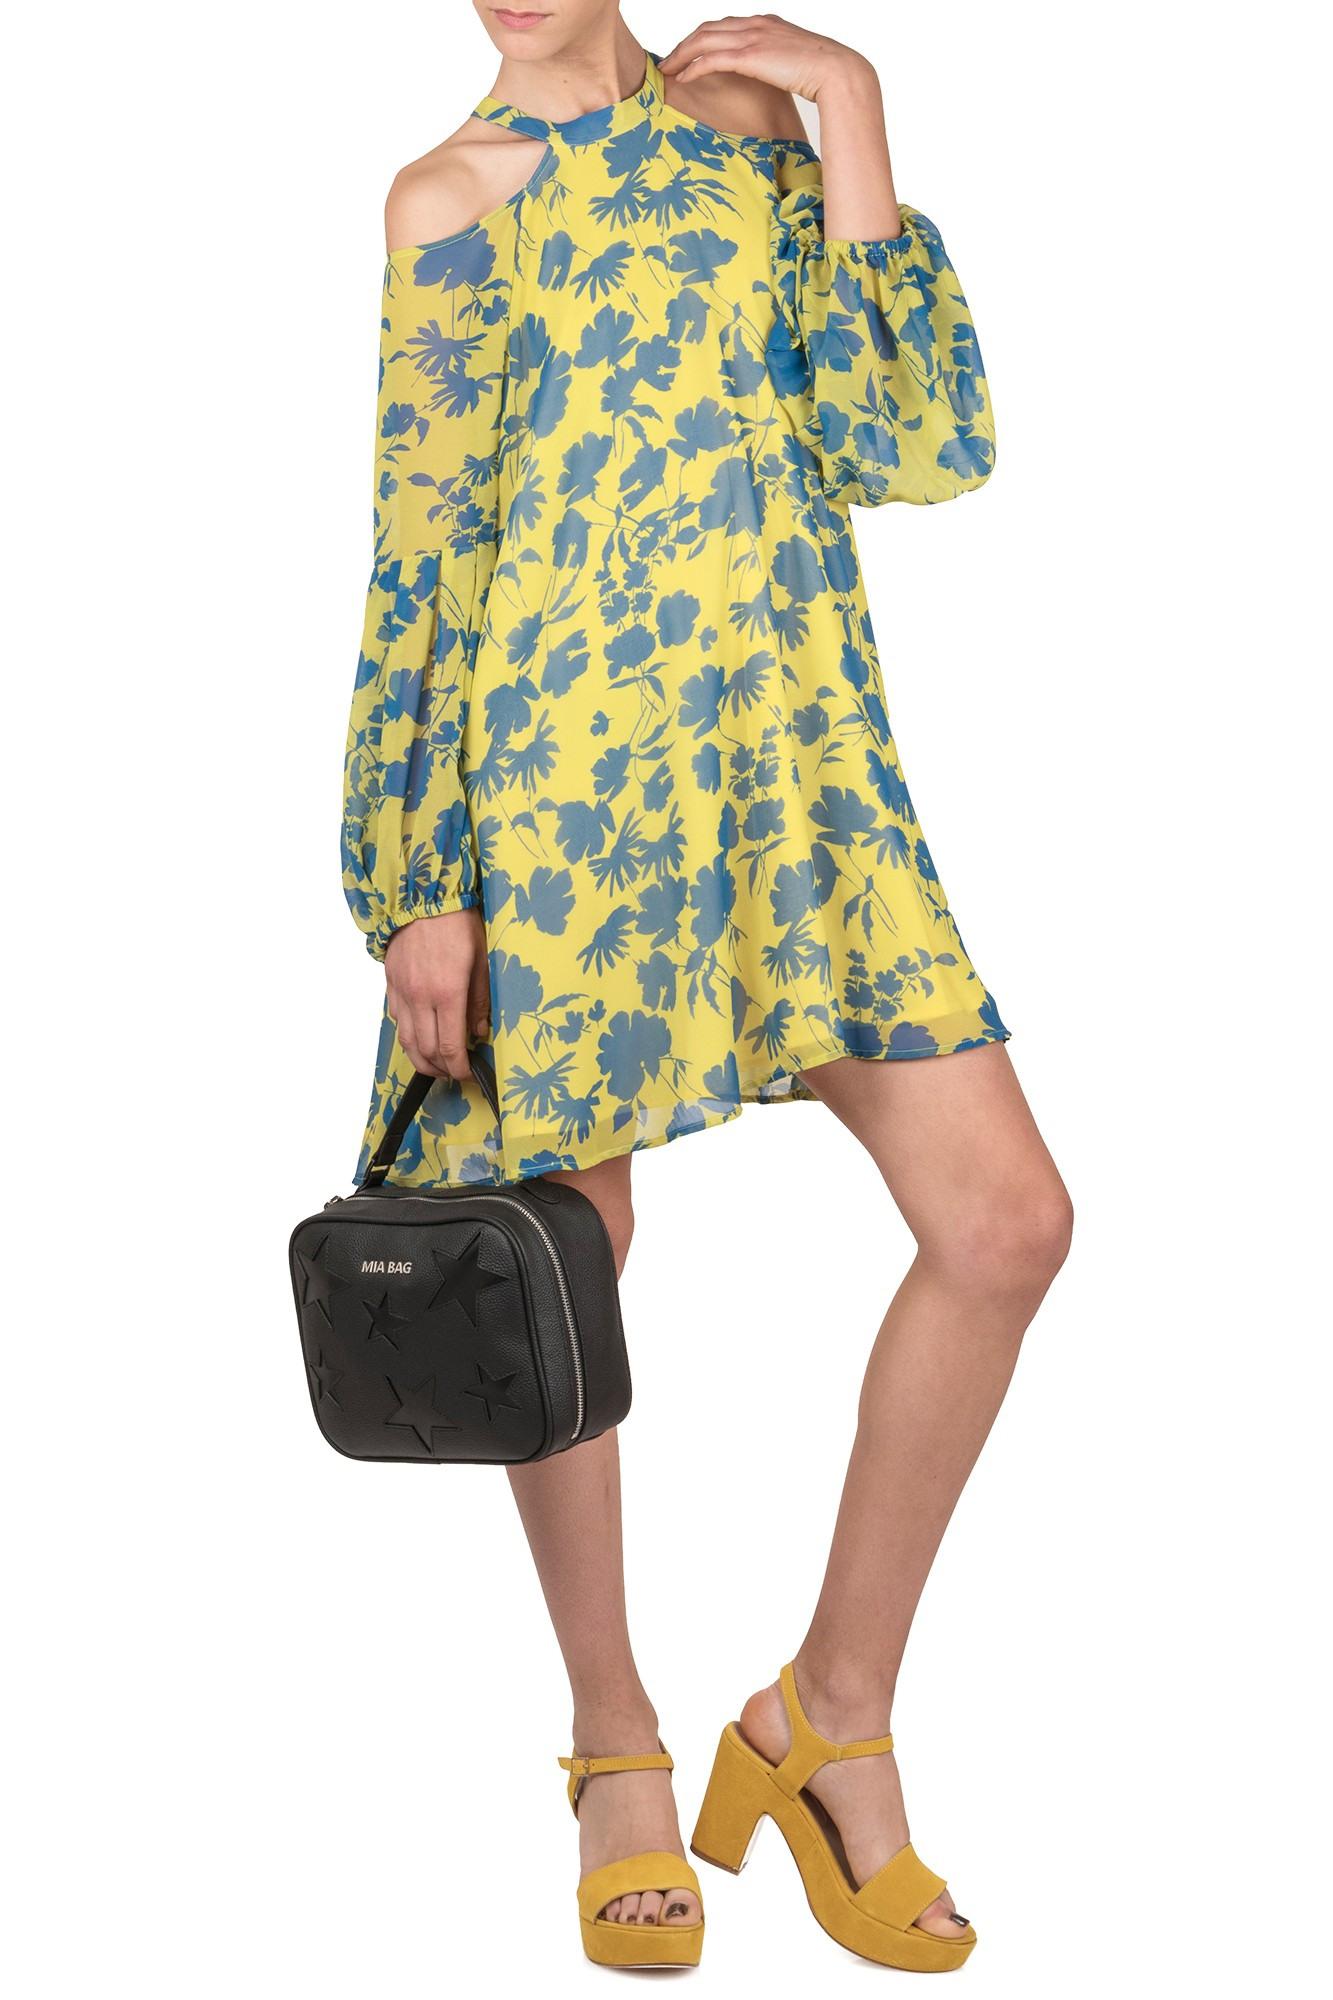 Kreativ Kleid Gelb Blau Galerie20 Luxus Kleid Gelb Blau Ärmel